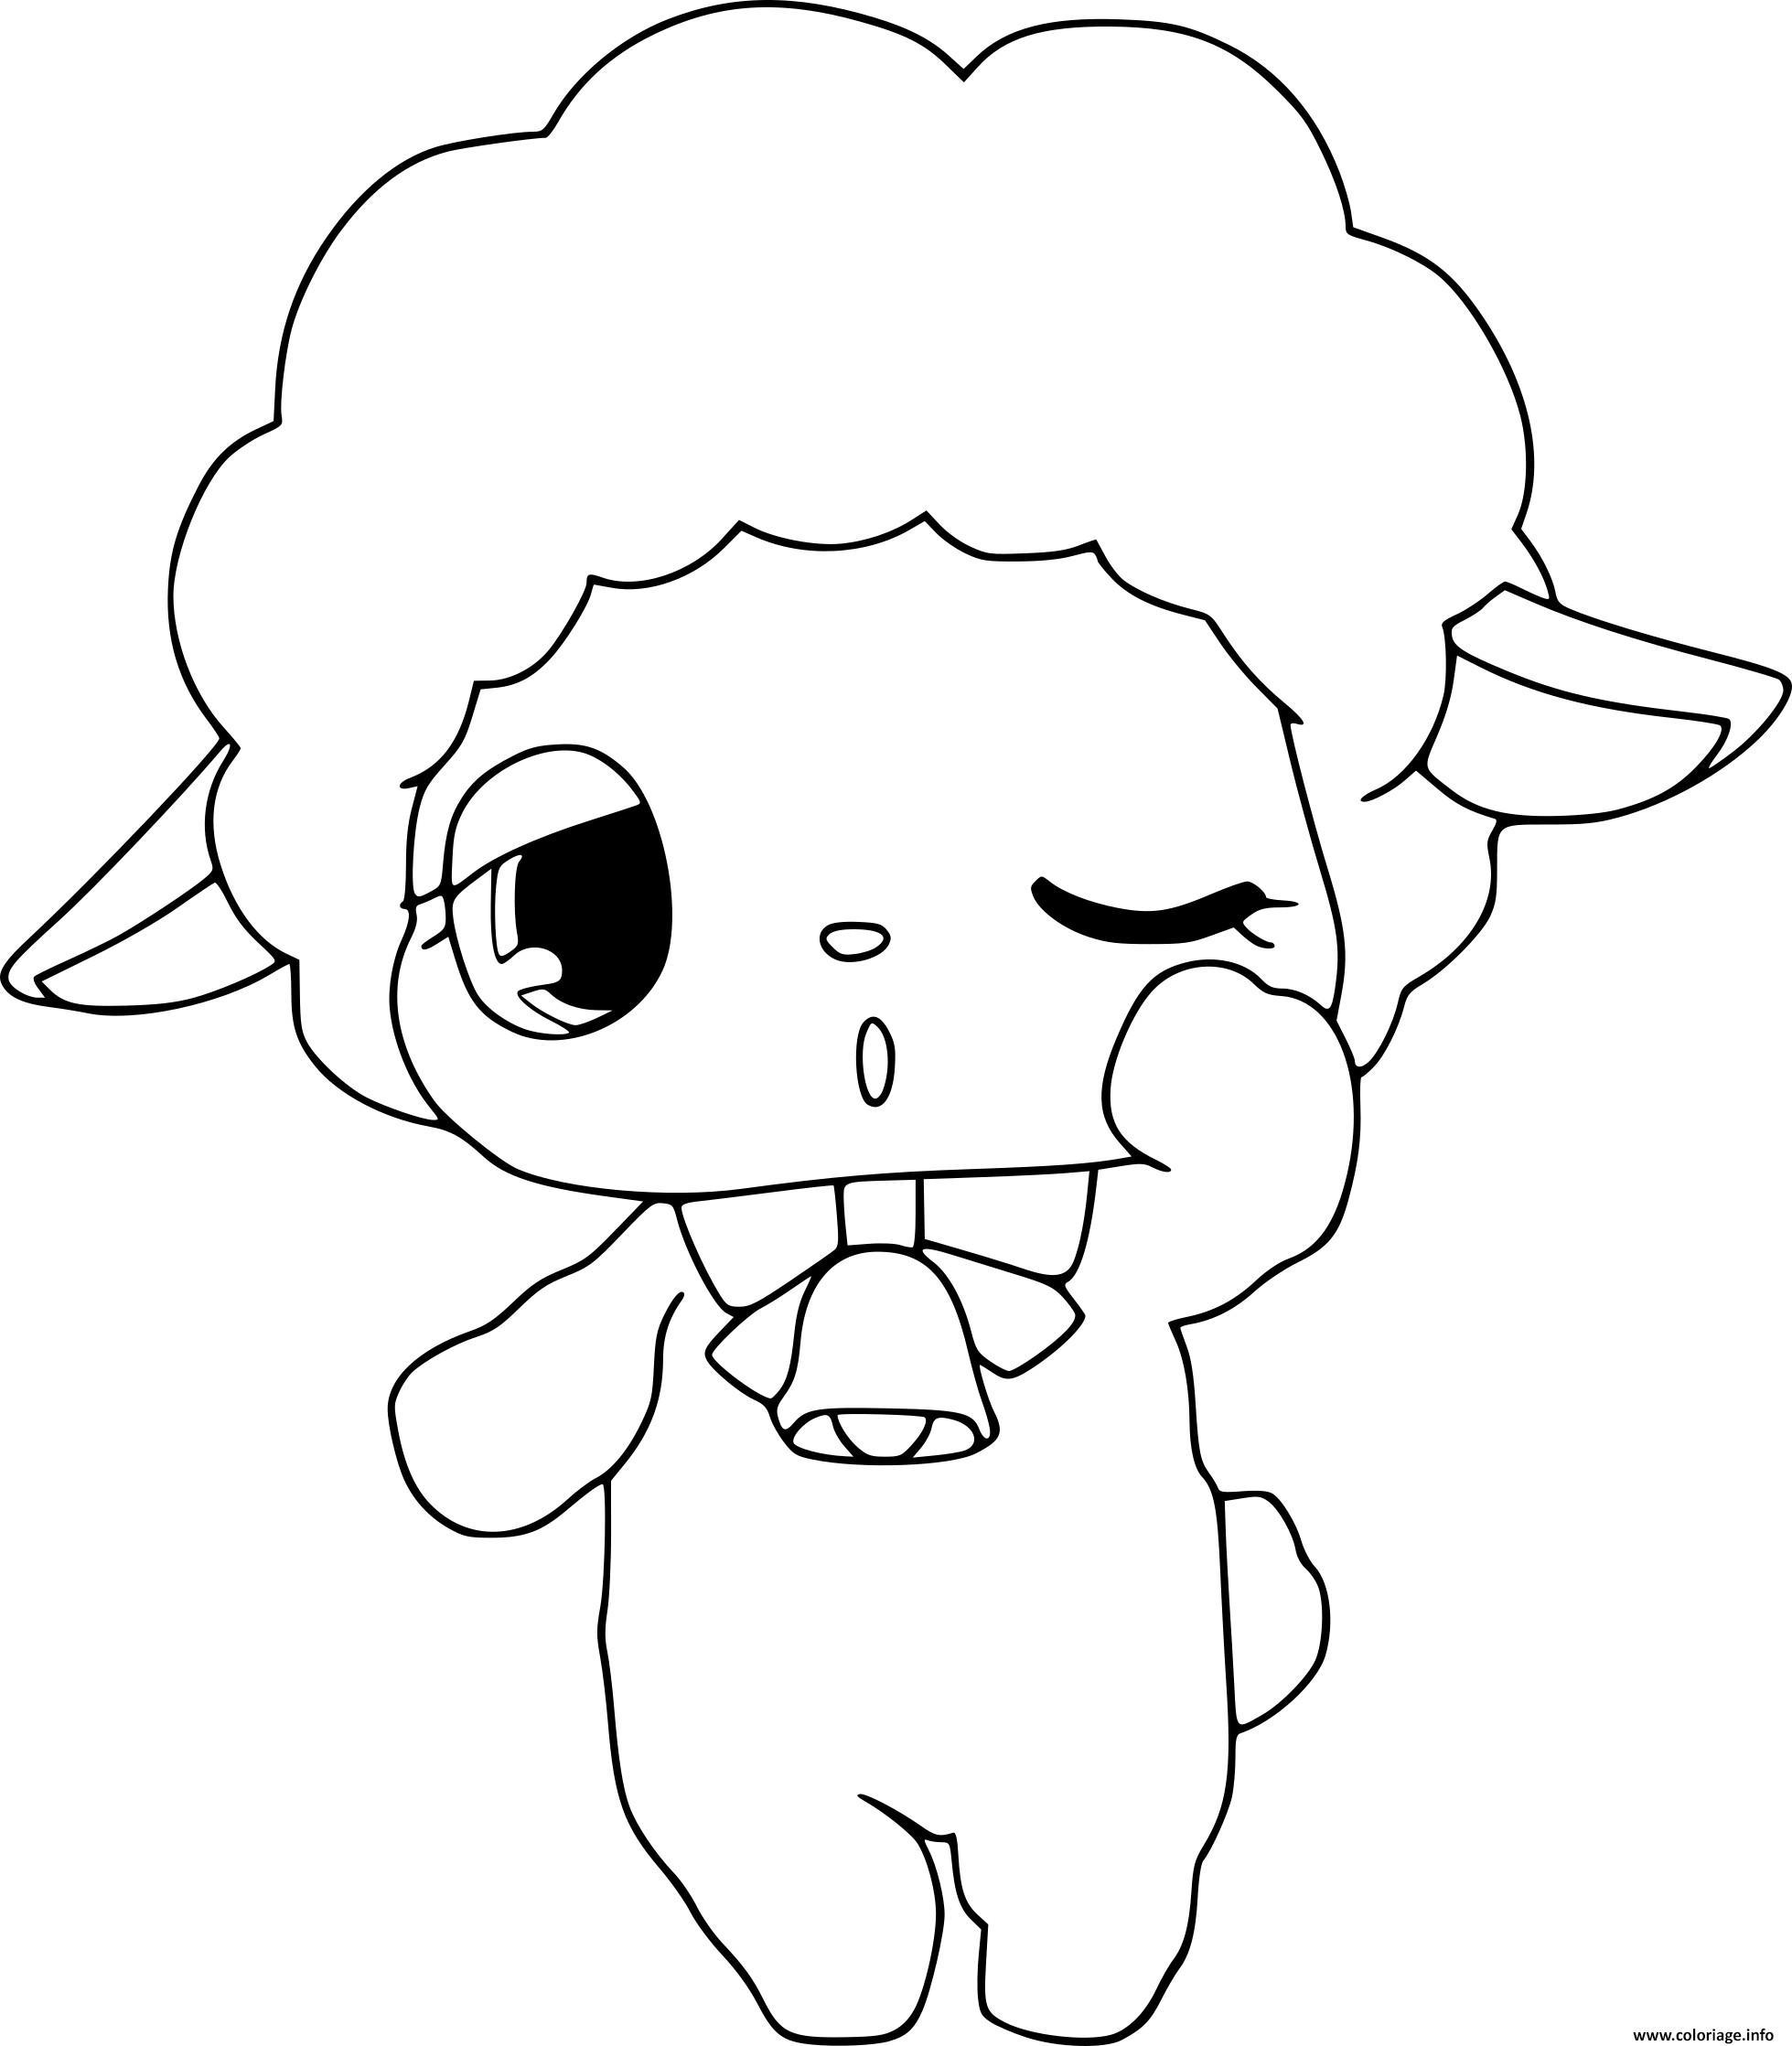 Coloriage jewelpet mouton dessin - Mouton en dessin ...